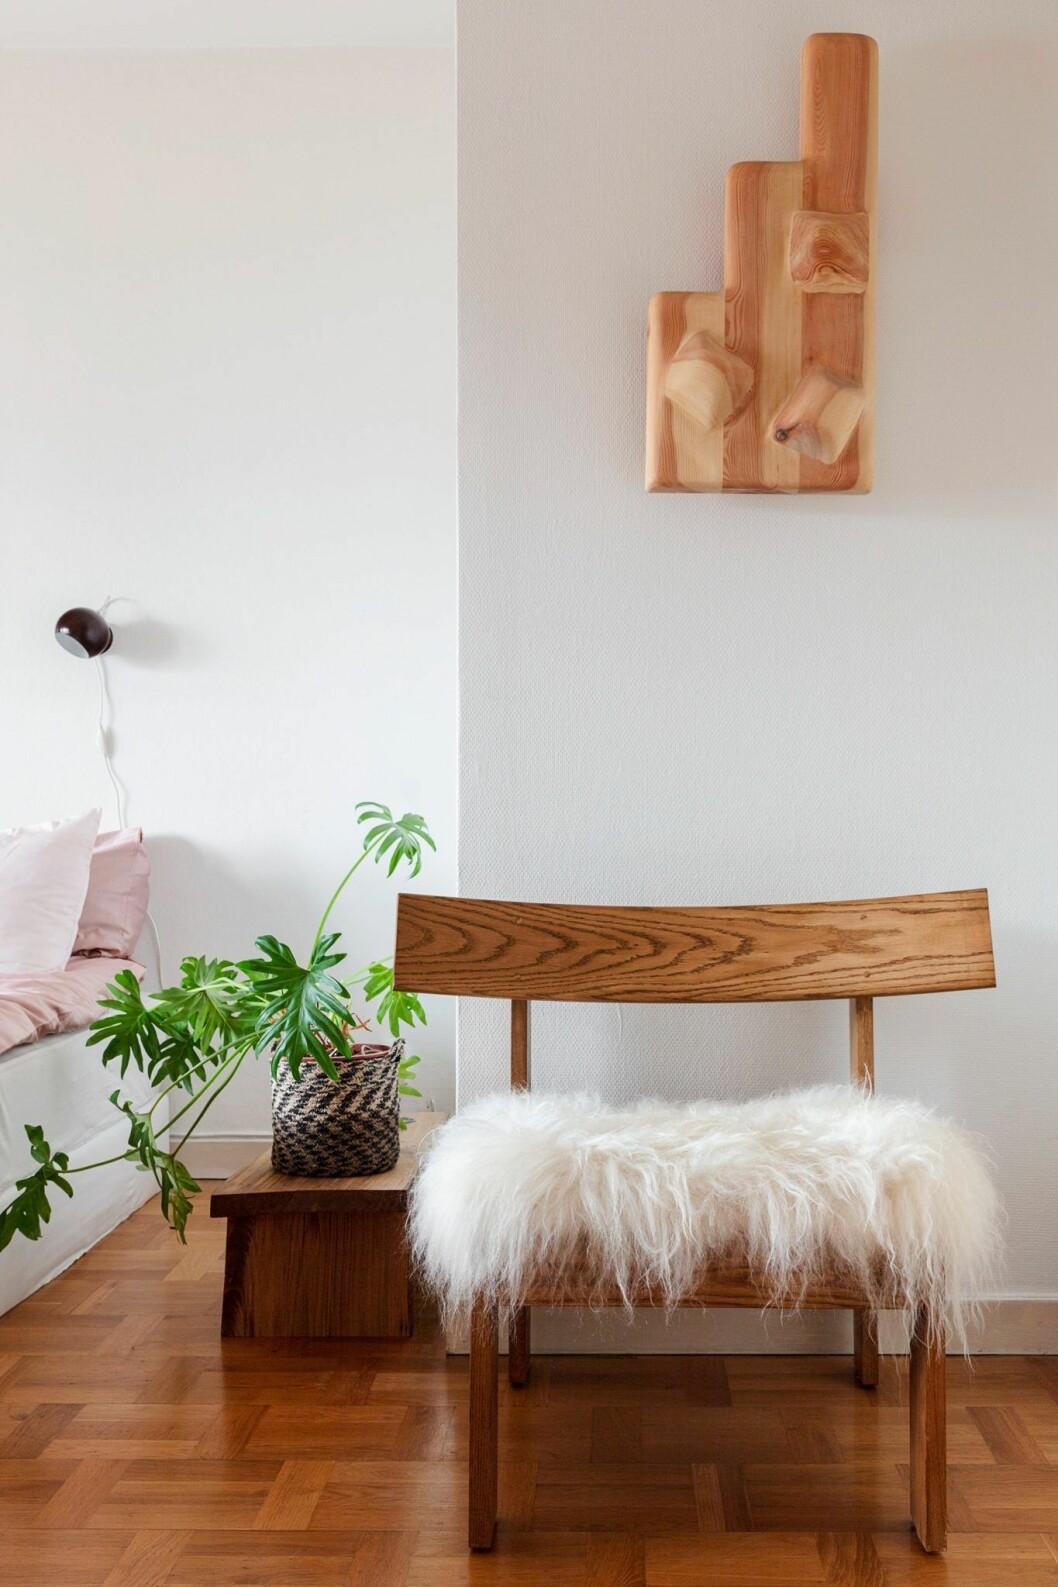 Fåtölj i trä hemma hos träkonstnären i Stockholm